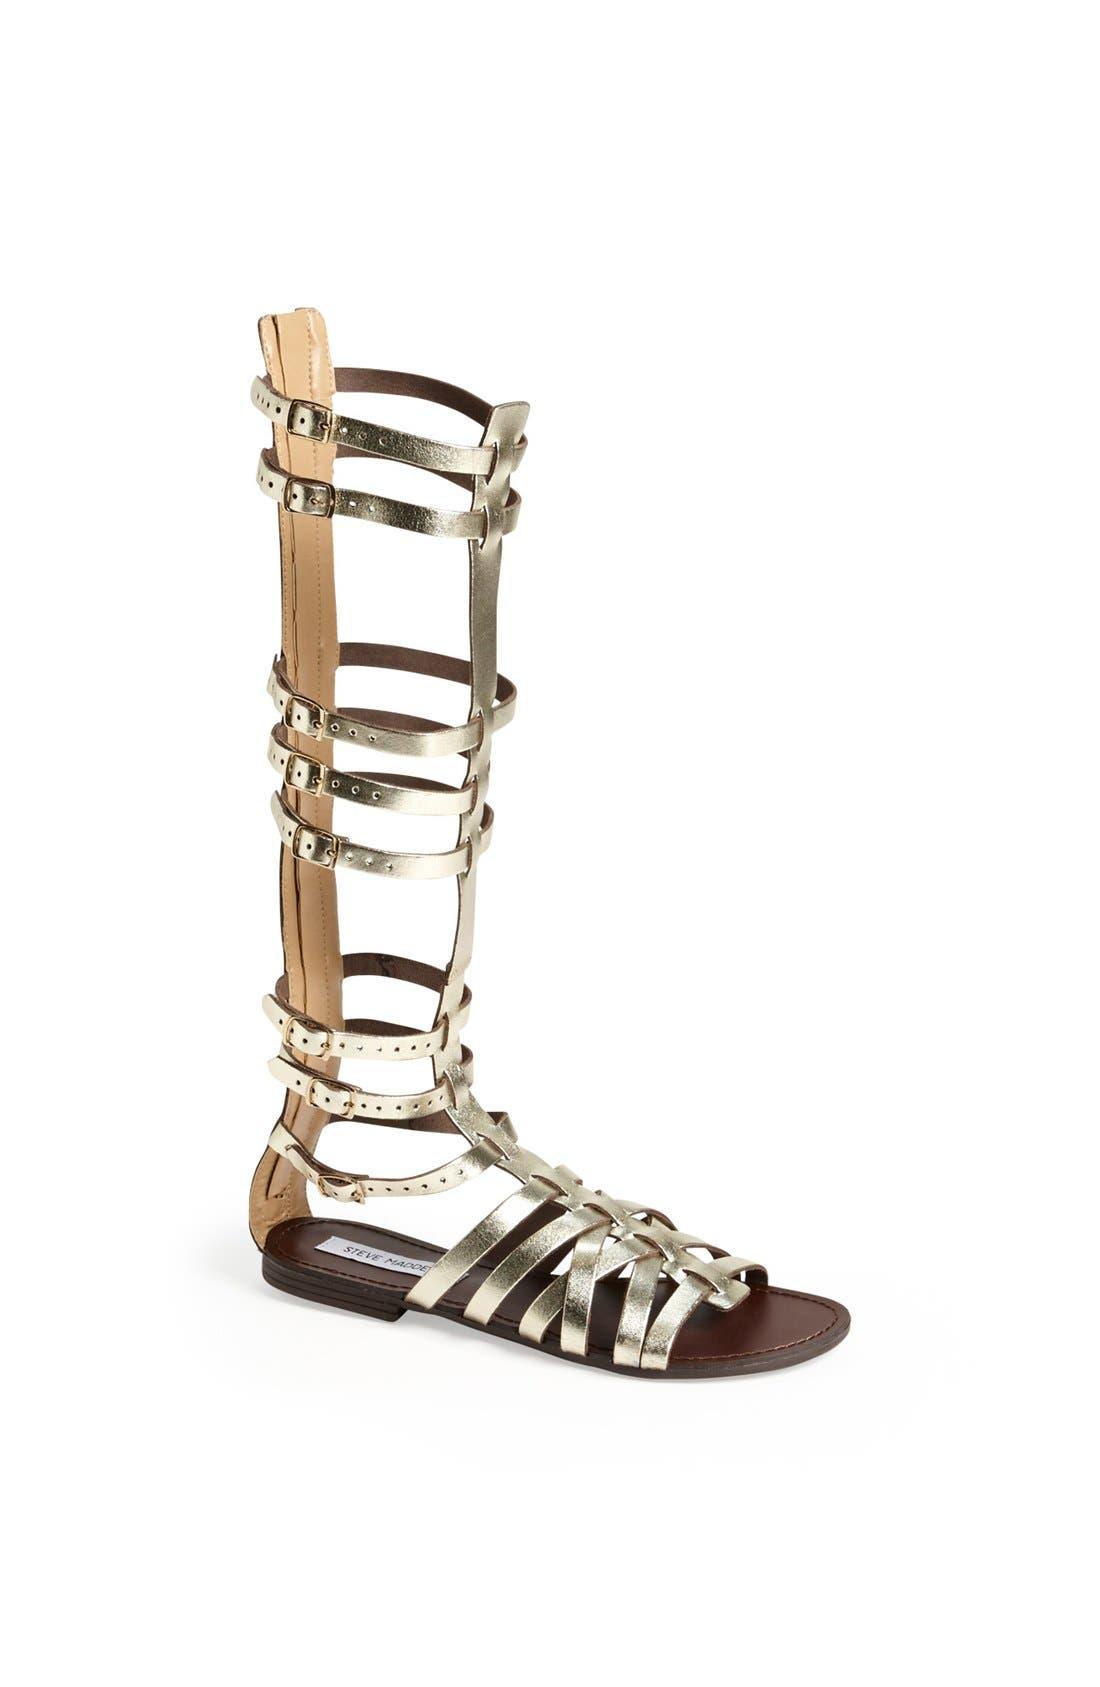 Alternate Image 1 Selected - Steve Madden 'Sparta' Sandal